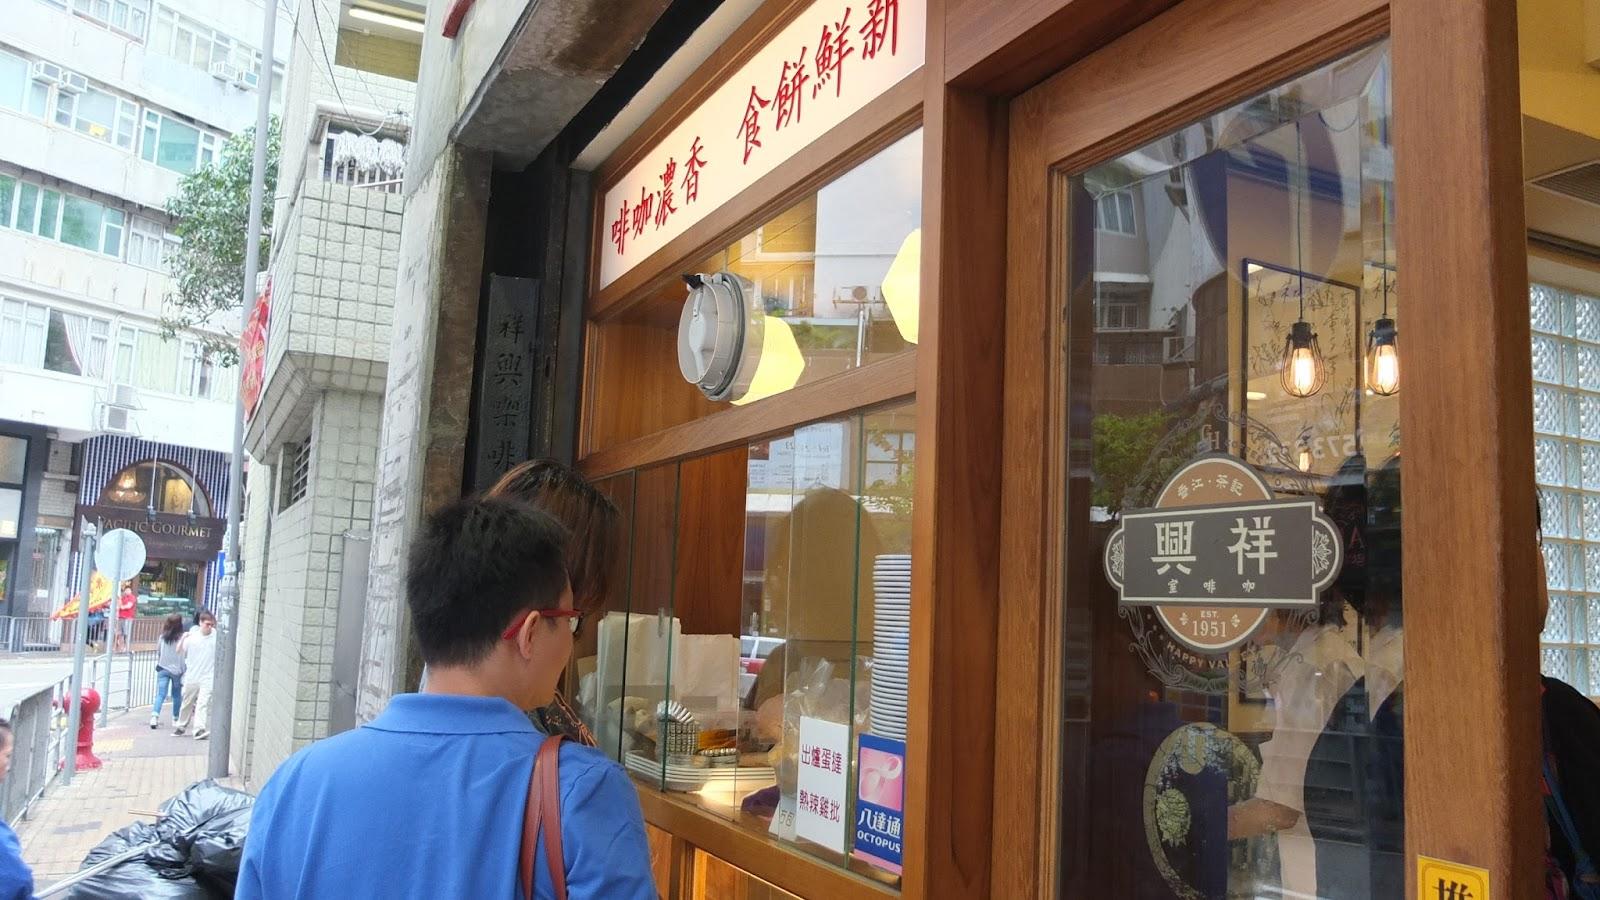 跑馬地 祥興咖啡室 老字號 明星 茶餐廳